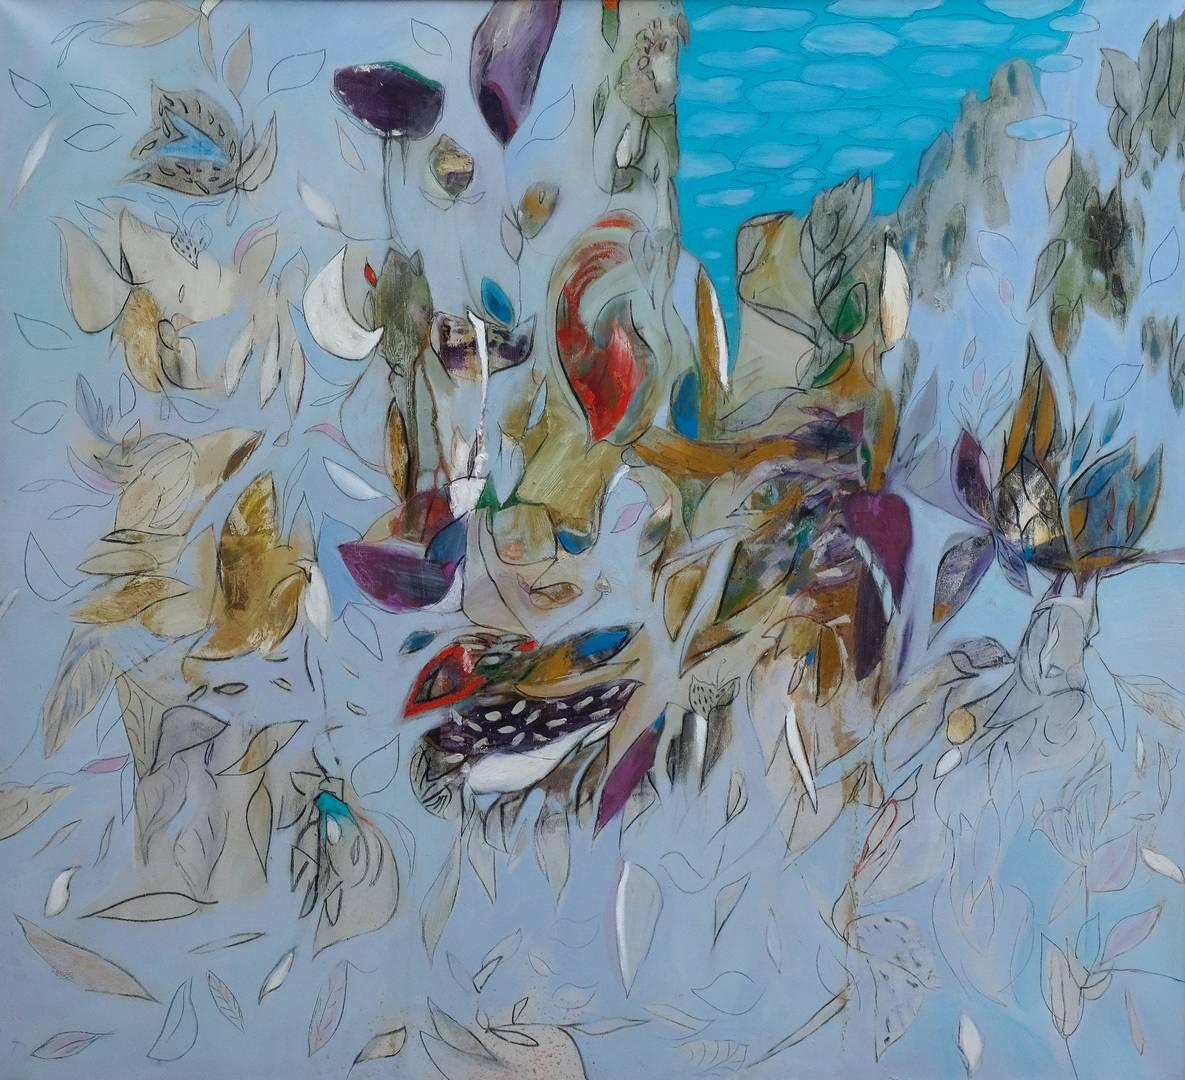 İbrahim Çiftçioğlu, Nakkaşın Çiçekli Bahçe Gezintisi, 150x162 cm, Tuval üzerine yağlı boya, 2004